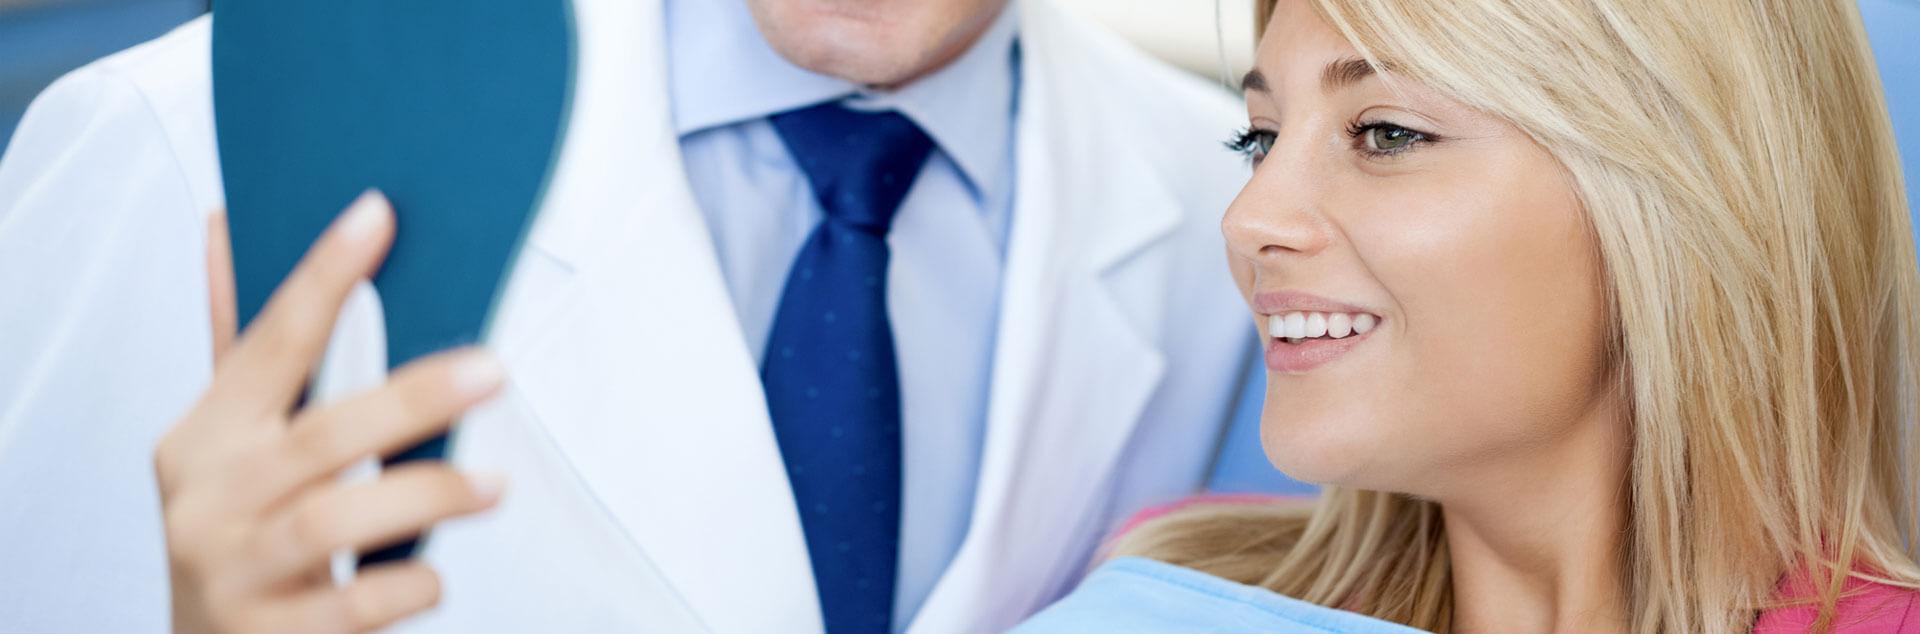 Female patient checking her smile after dental restoration